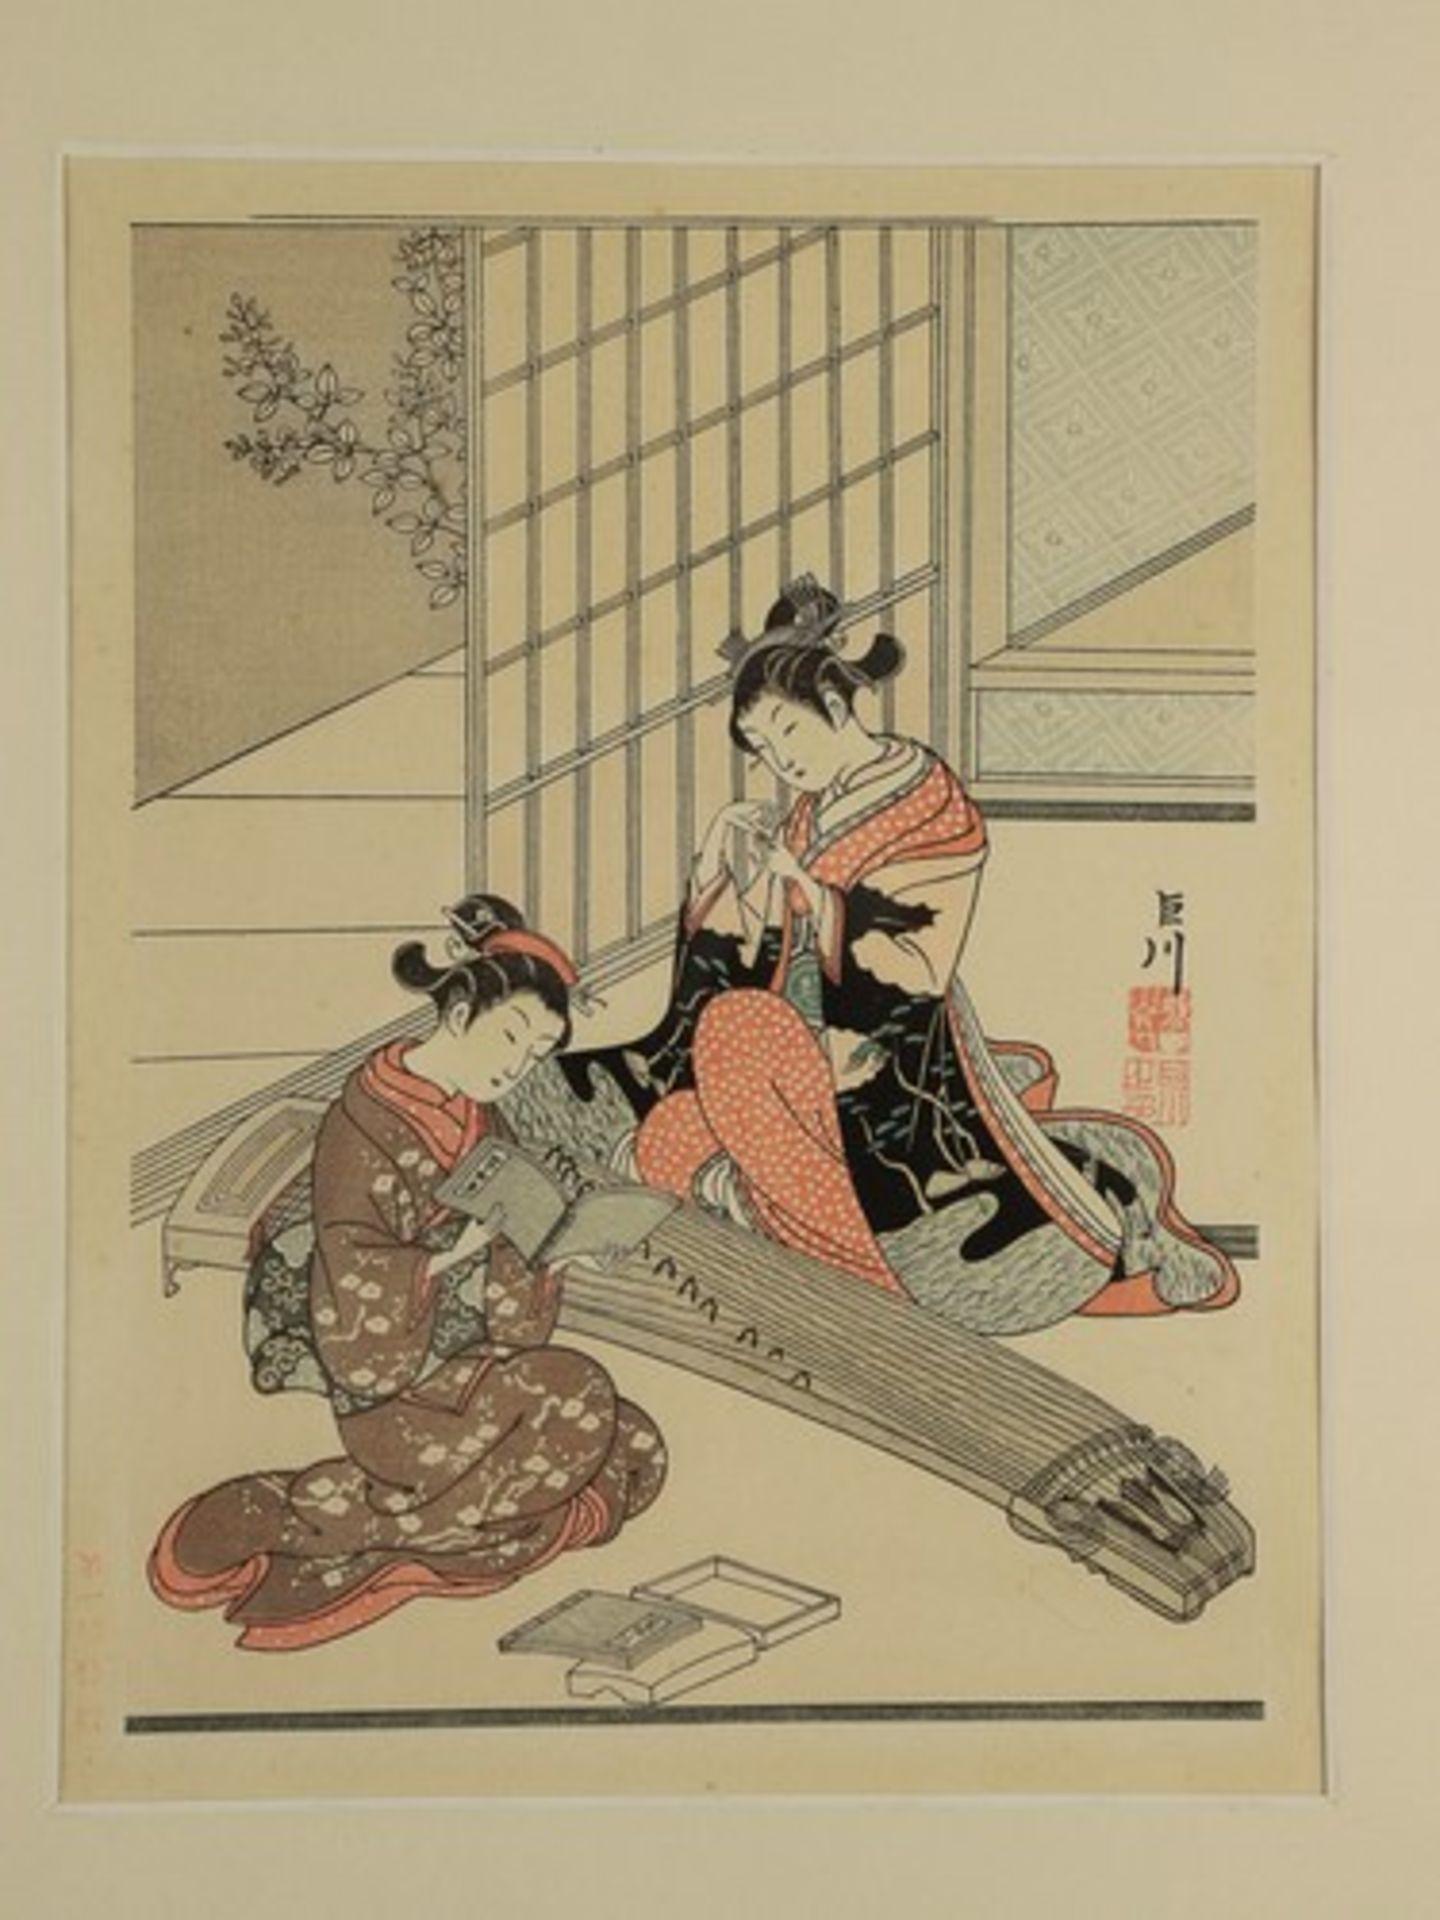 Los 1826 - Farbholzschnitt20.Jh., Japan, Holzschnitt, tlw. koloriert, Genreszene m. zwei Frauen beim Lesen, u.